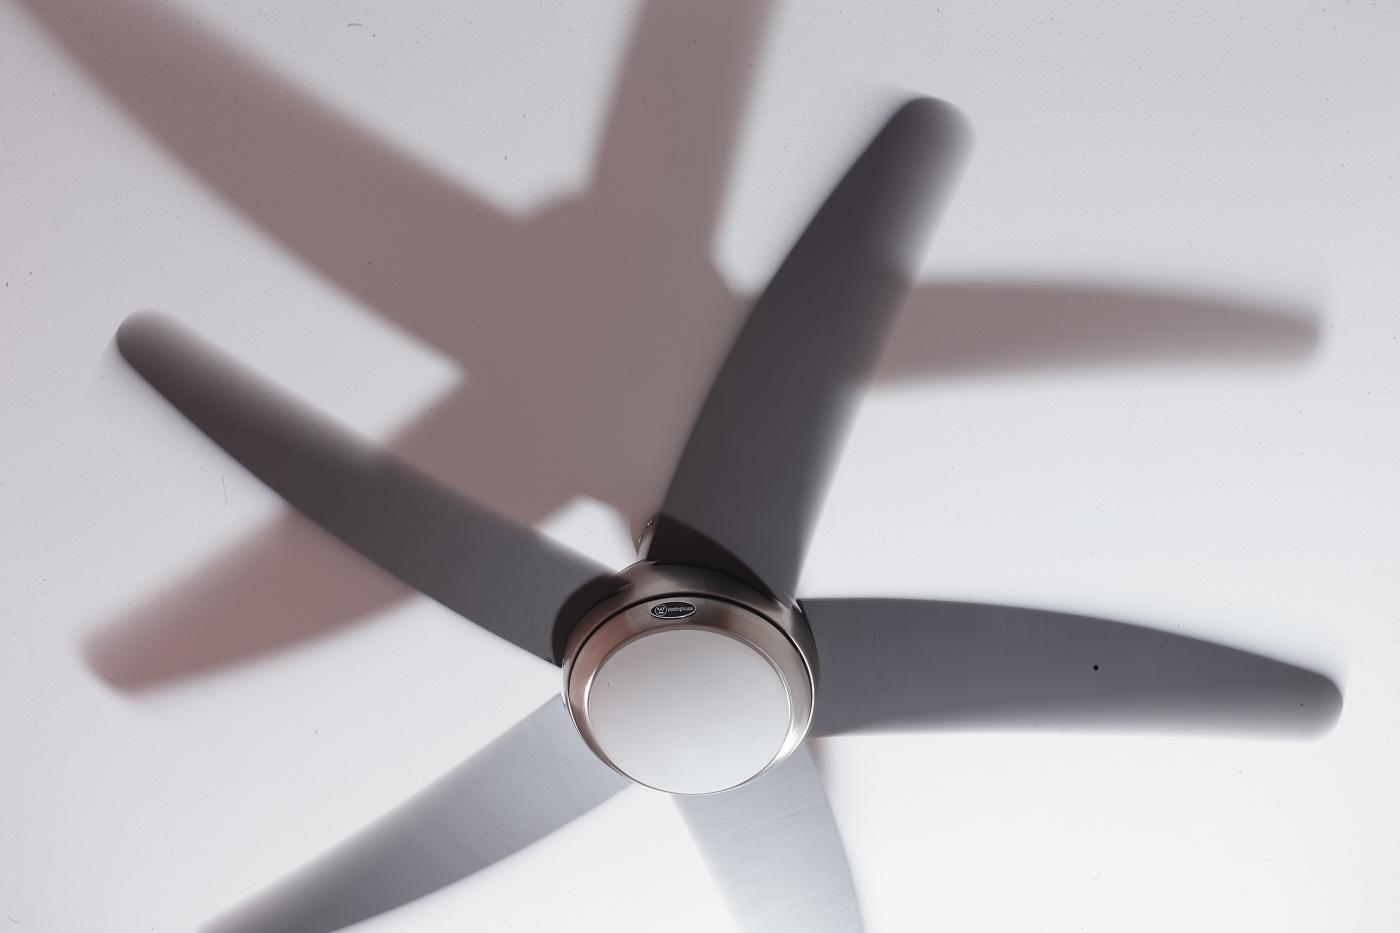 Roztočený ventilátor a NiceFoto na plný výkon